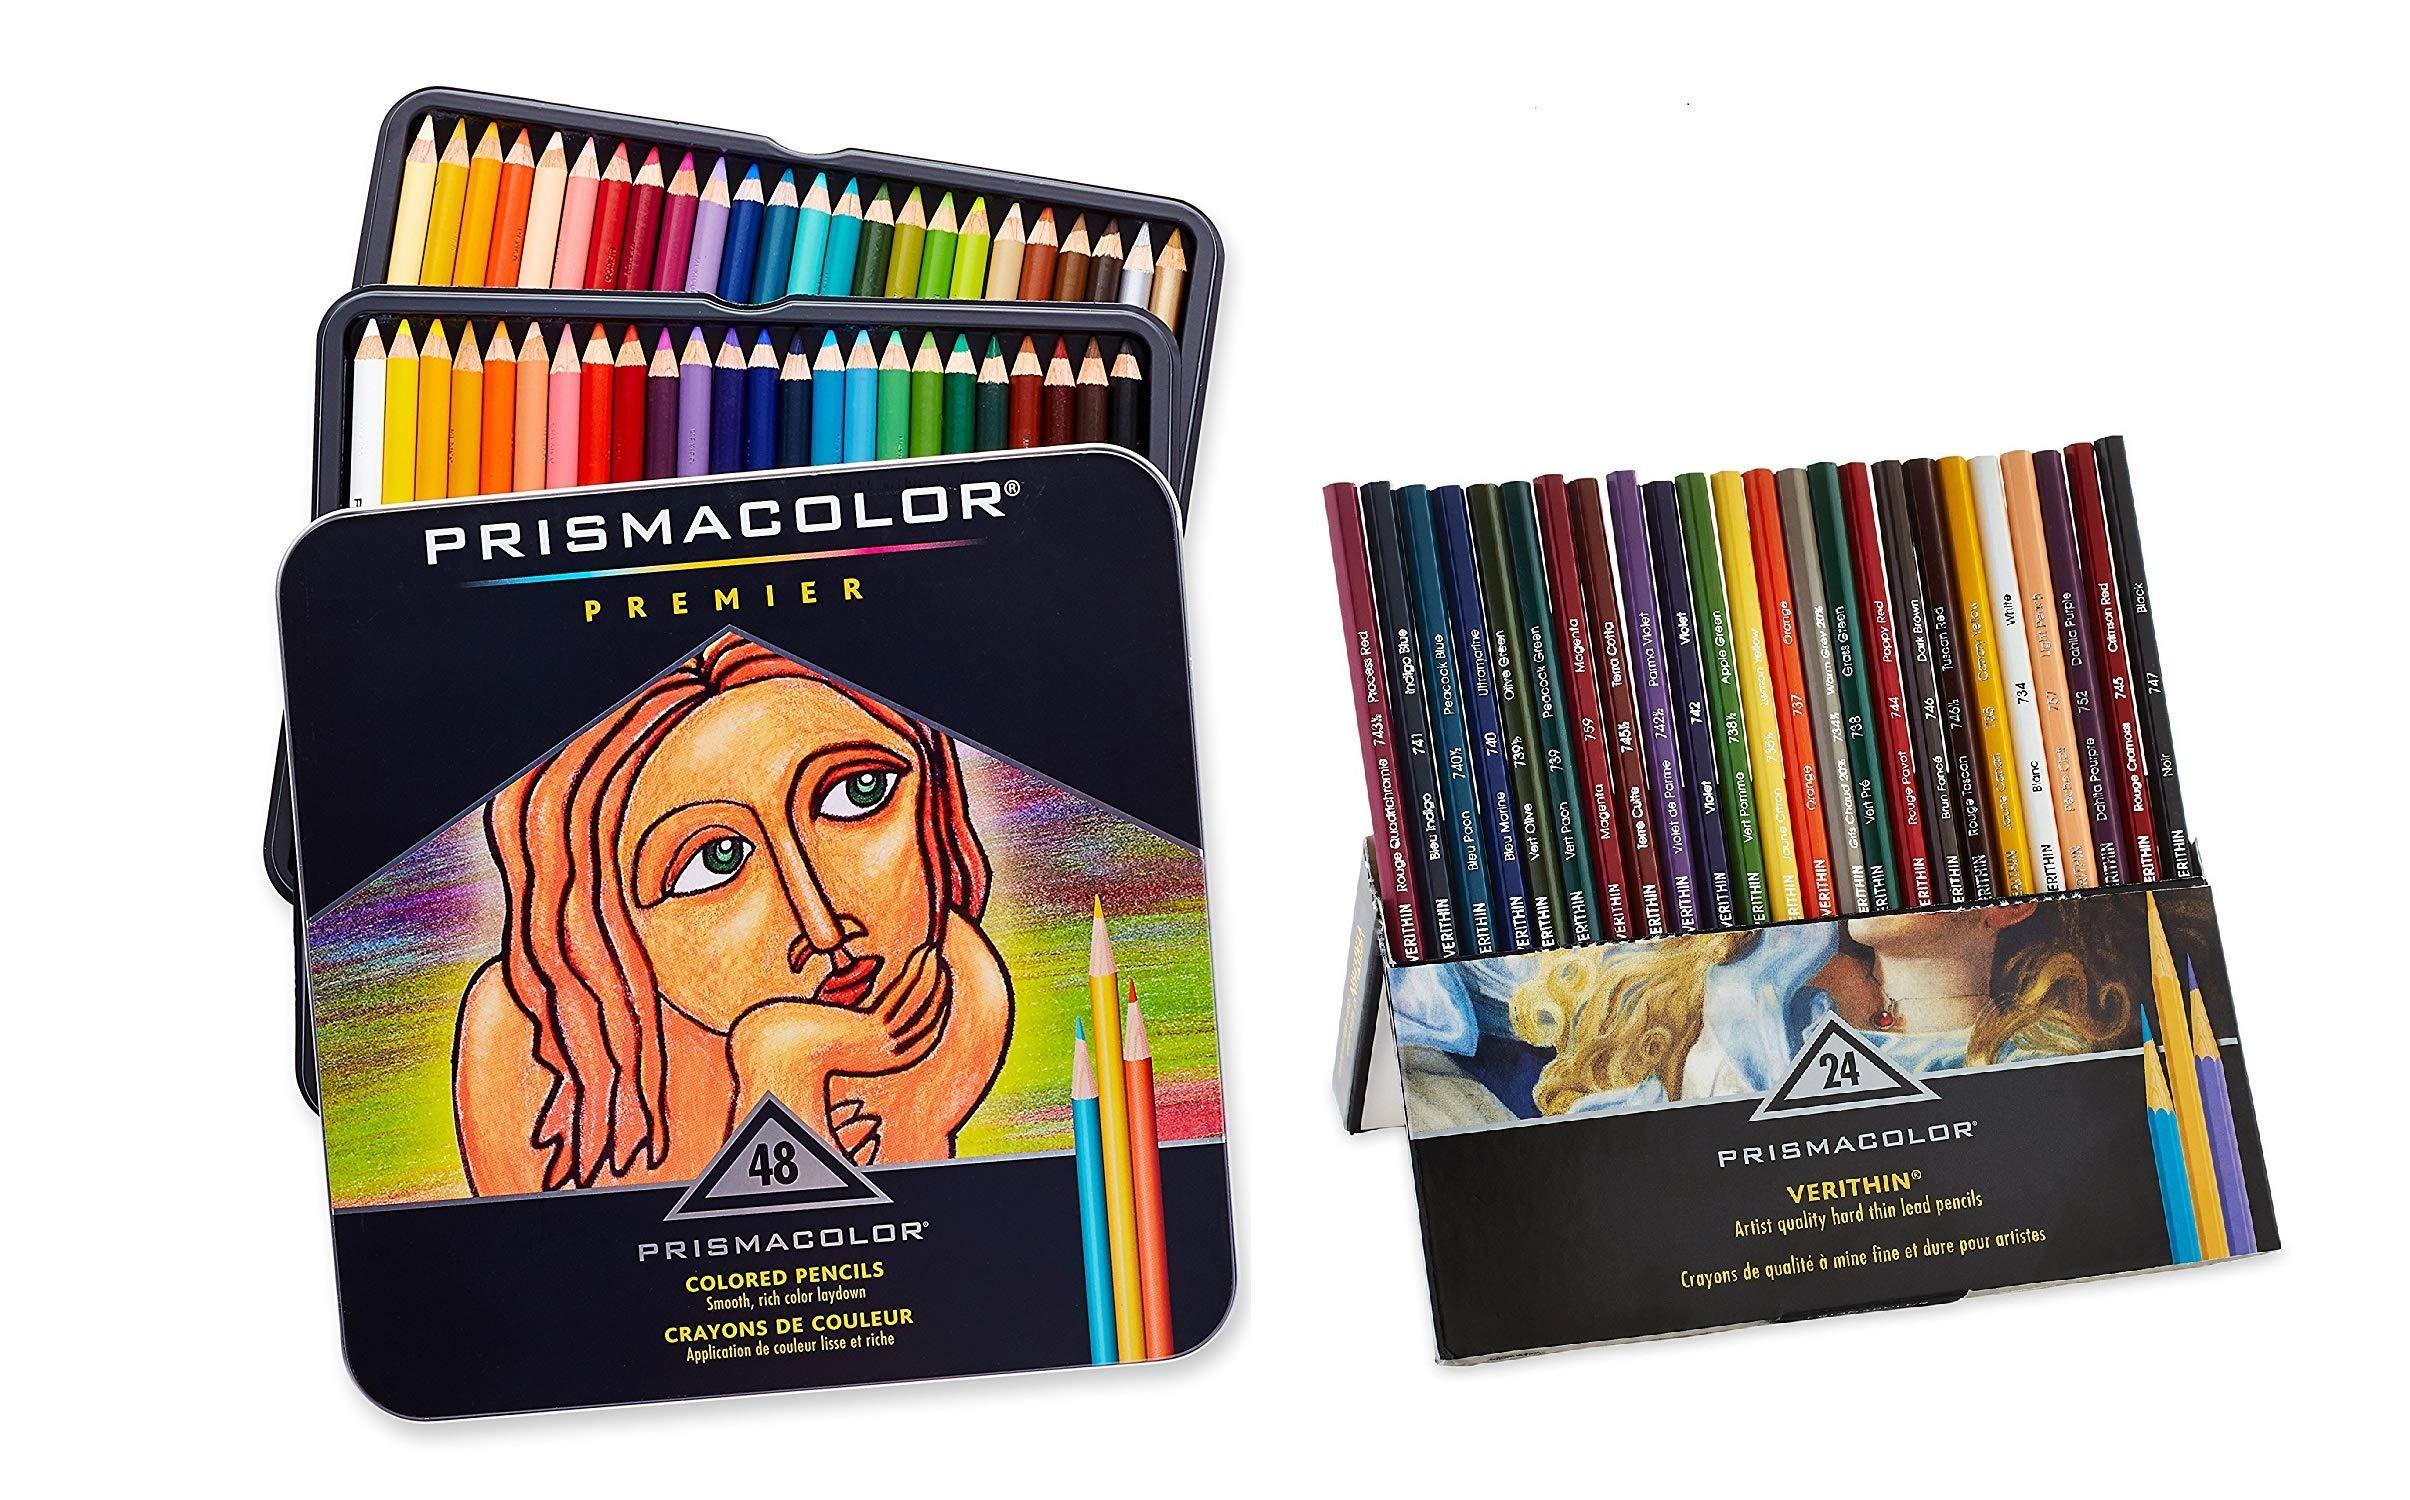 Prismacolor Premier Soft Core Colored Pencils, Set of 48 Assorted Colors (3598T) + Prismacolor Verithin Colored Pencils, Set of 24 Assorted Colors (2427) by PRISMACOLOR